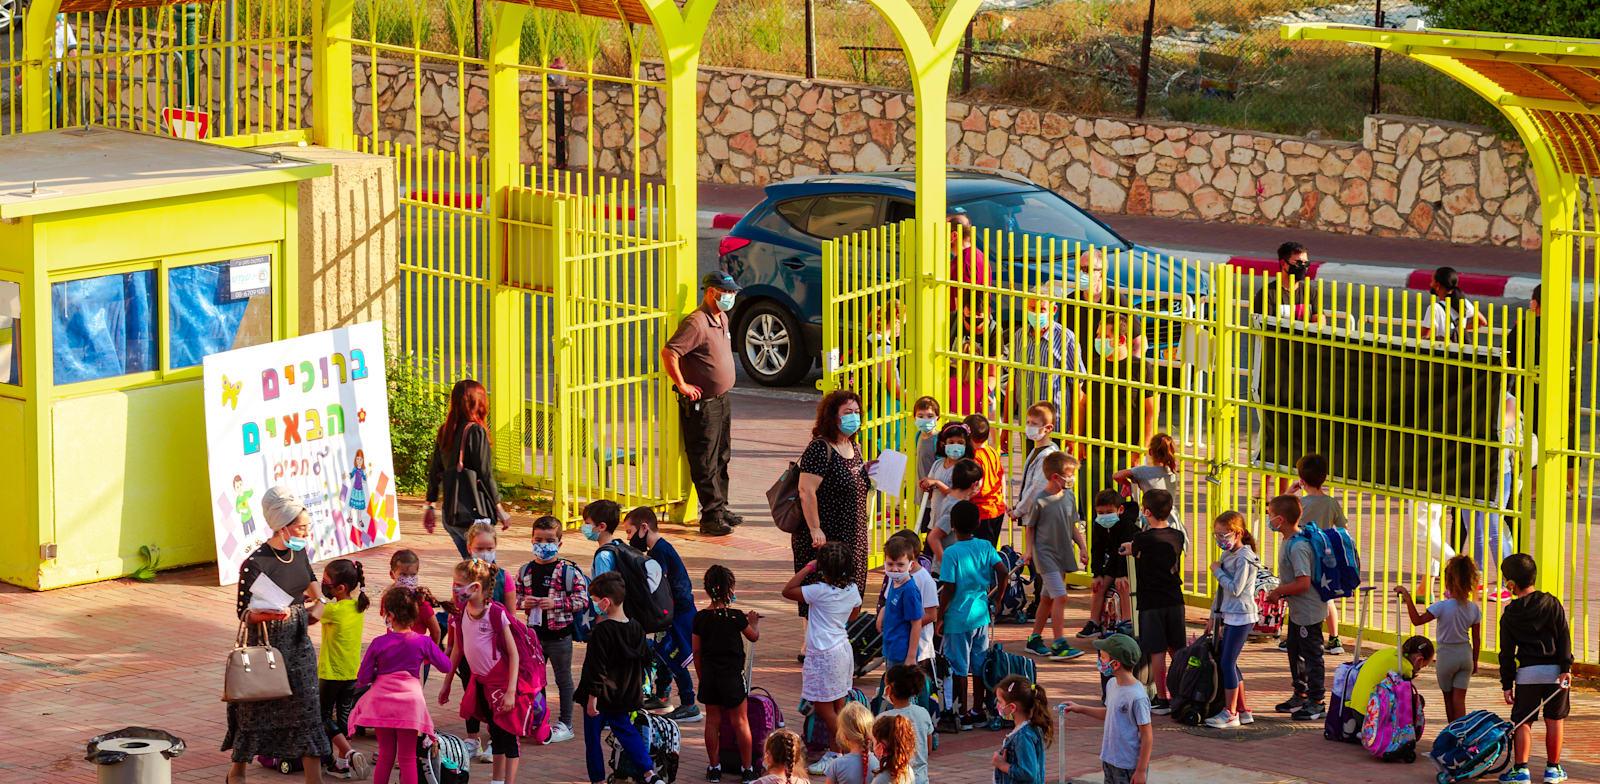 האם בית ספר חשוב גם בימינו? / צילום: Shutterstock